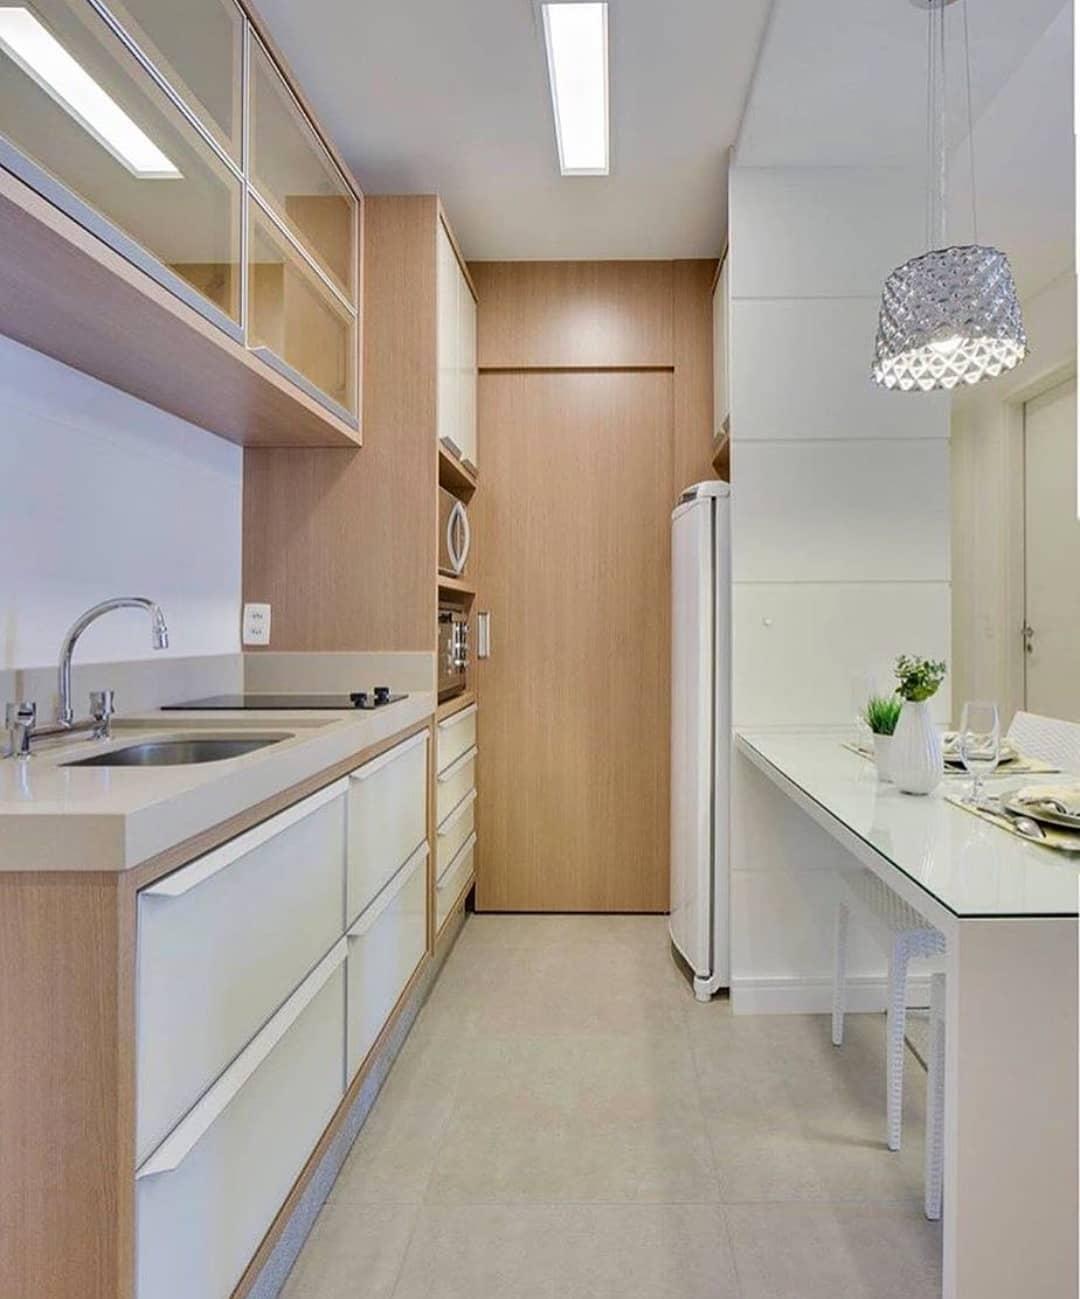 Лампа над рабочей зоной на кухне